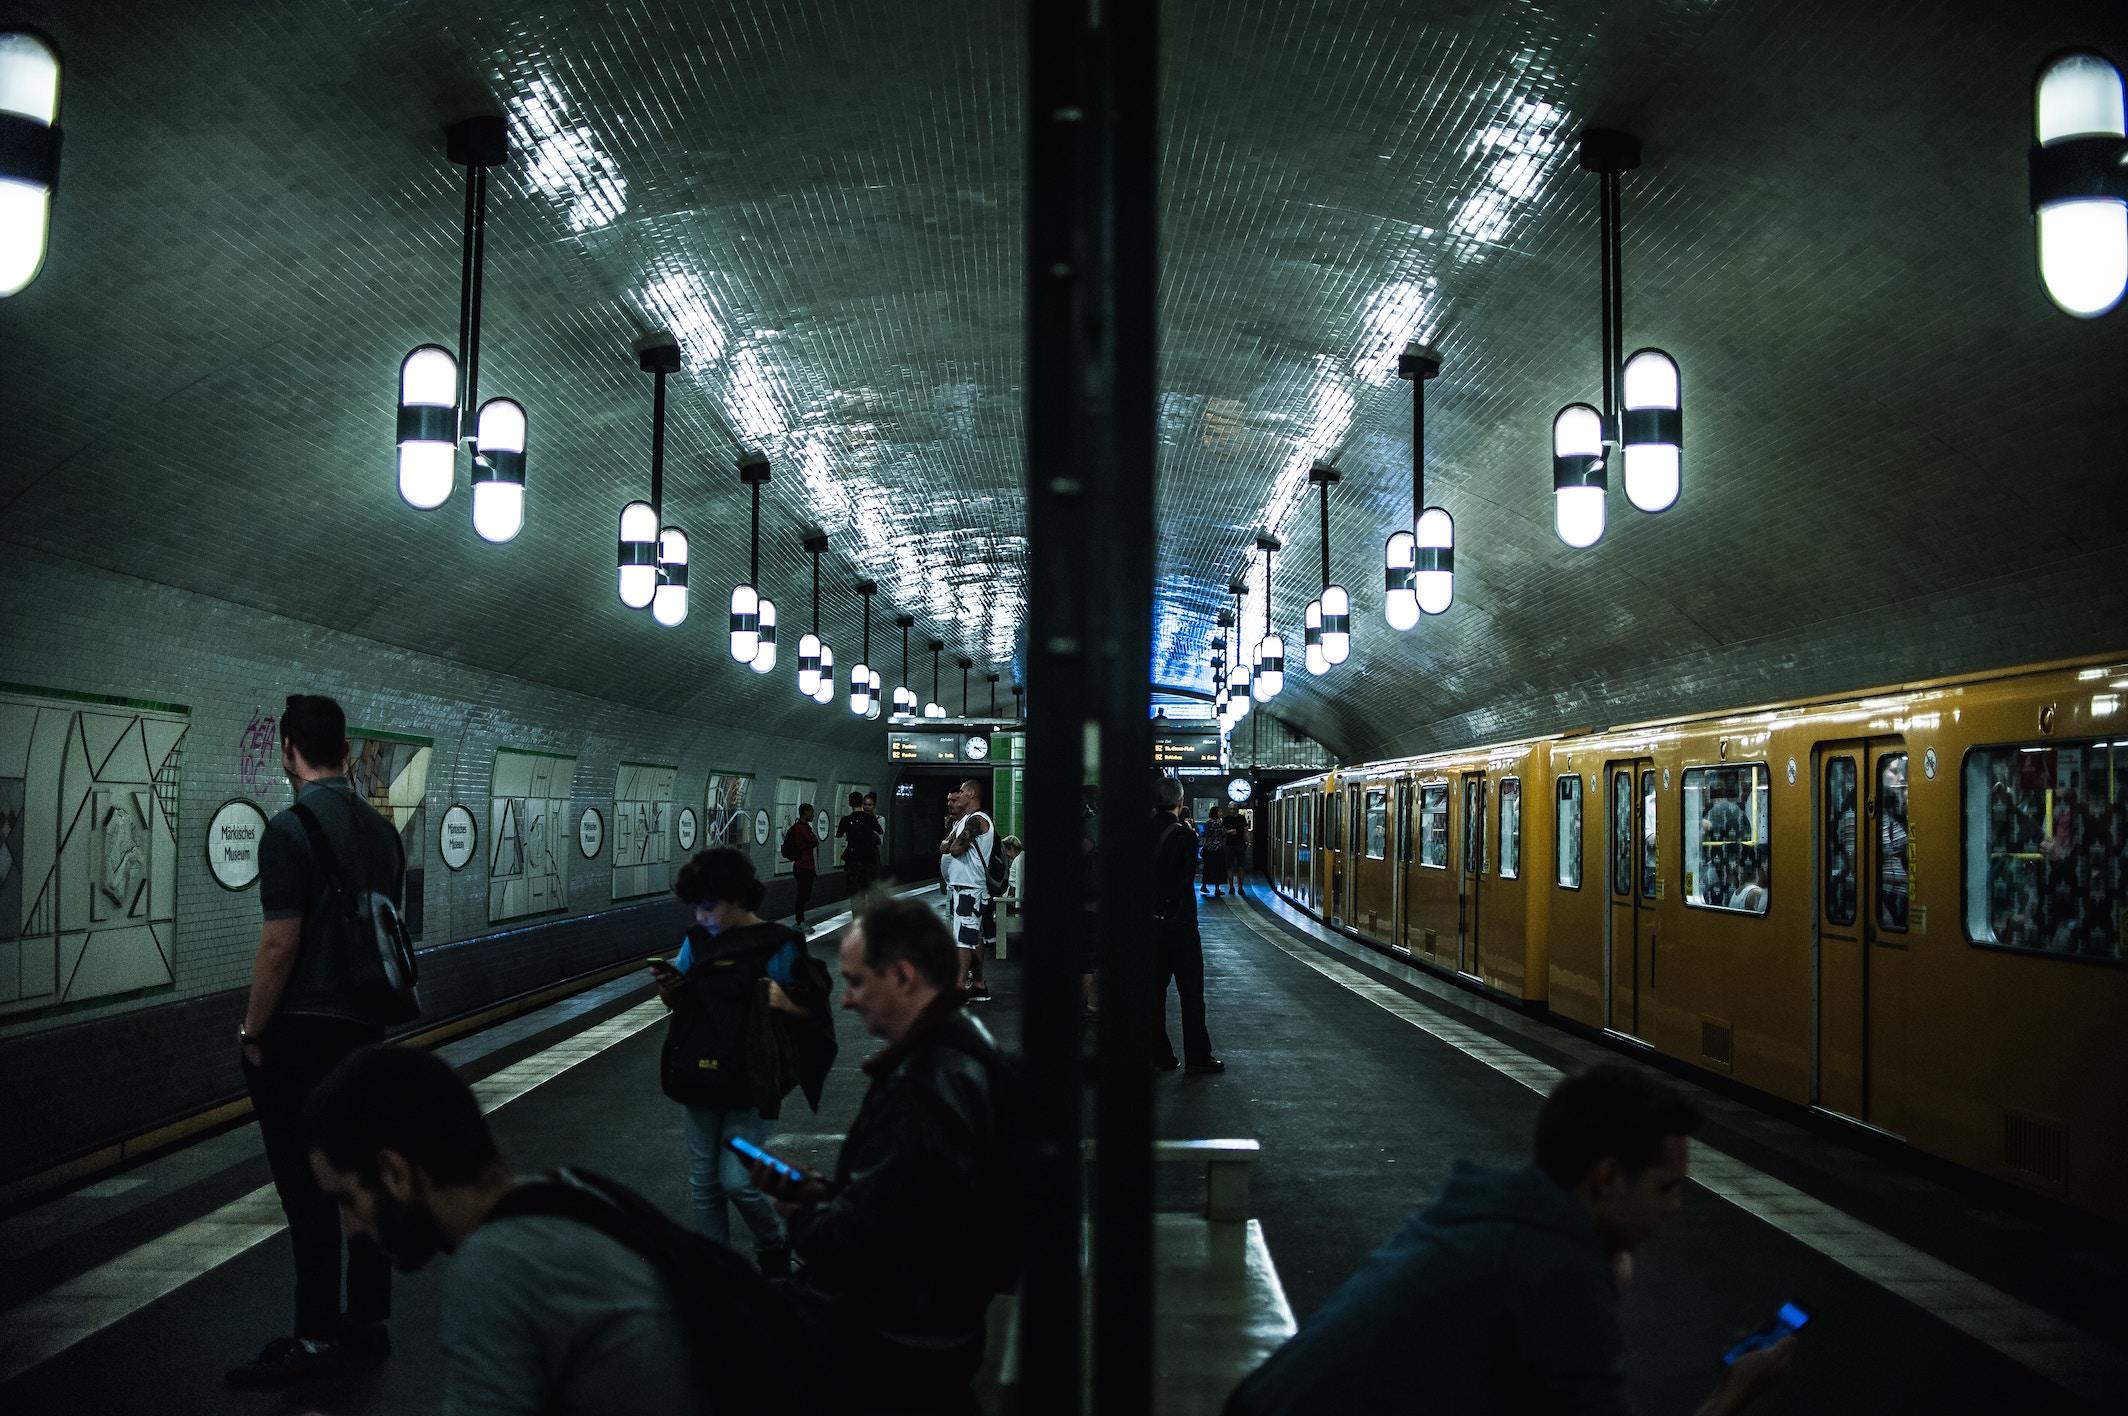 高雄駅の地下化された新駅舎を徹底解説!便利になったおすすめポイントも紹介